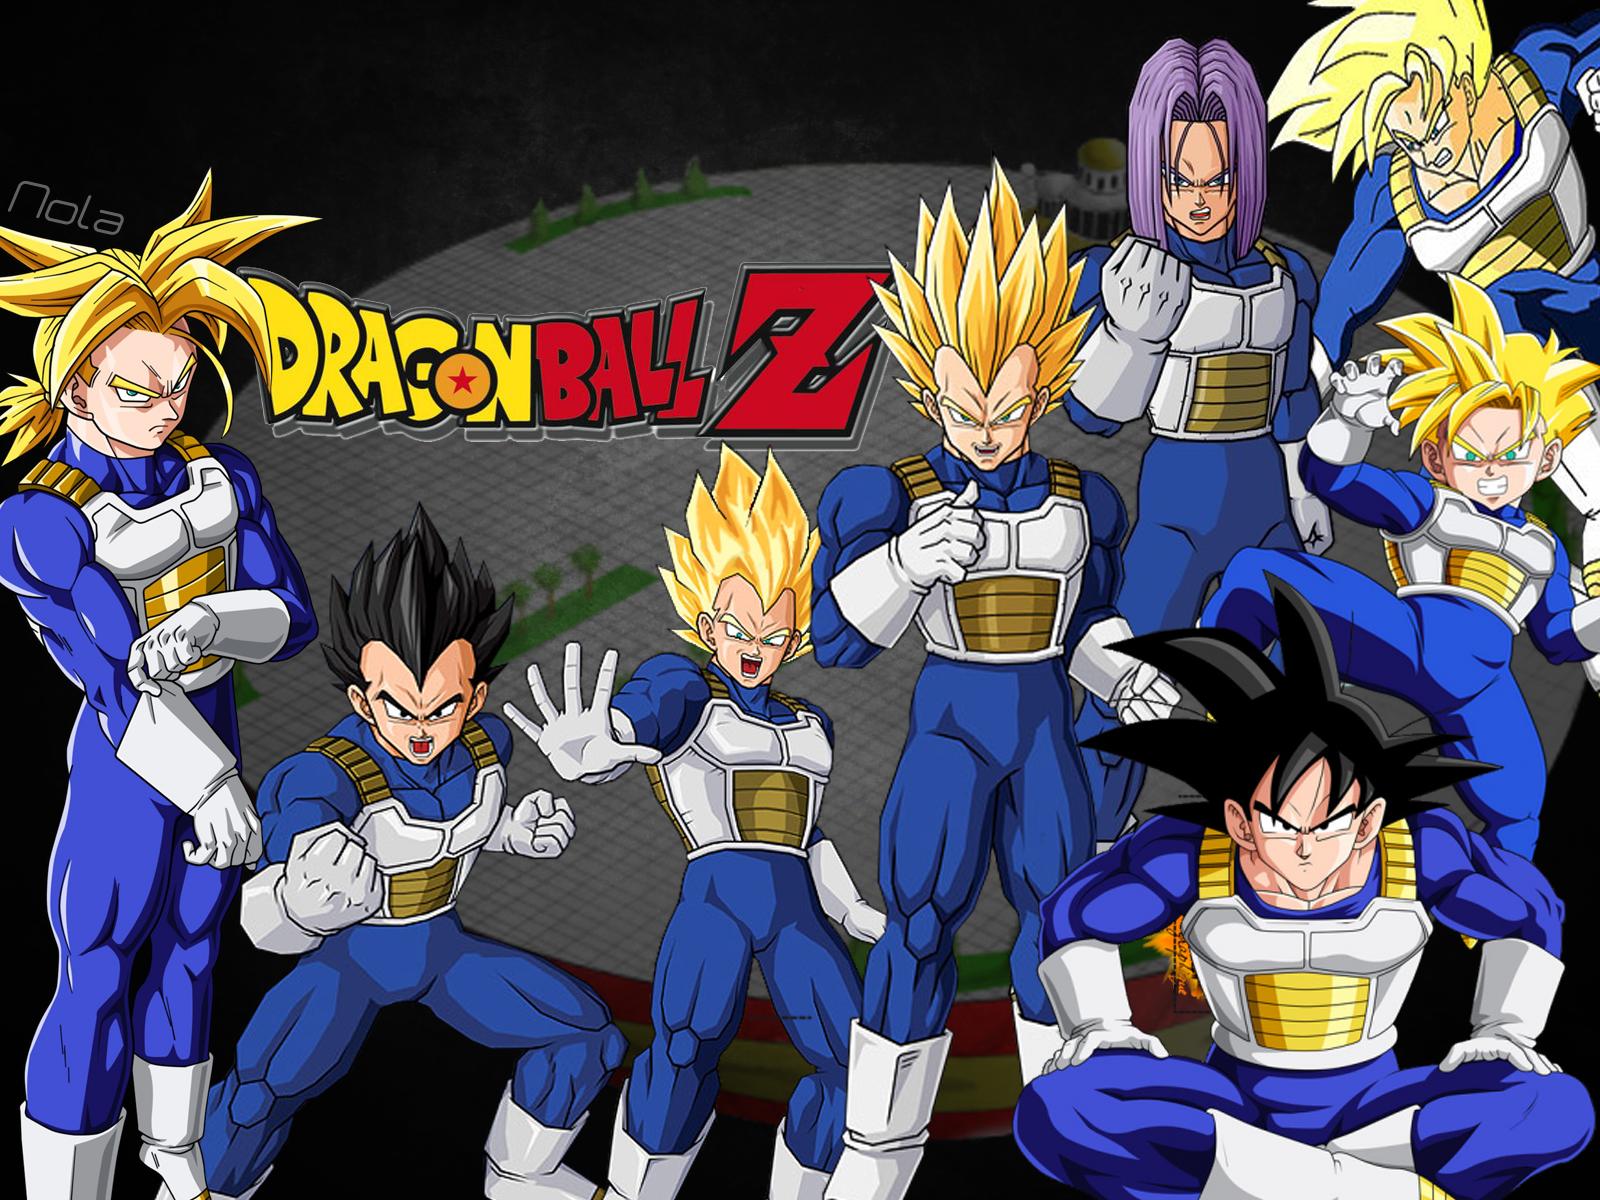 Fondos de Dragon Ball Z Wallpapers de Dragon Ball Z